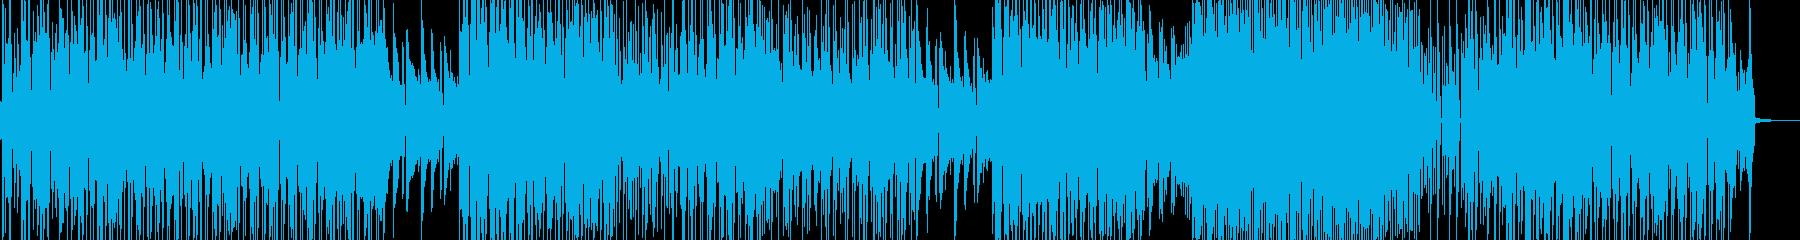 お笑い冒険活劇・打楽器の三味線ファンクの再生済みの波形